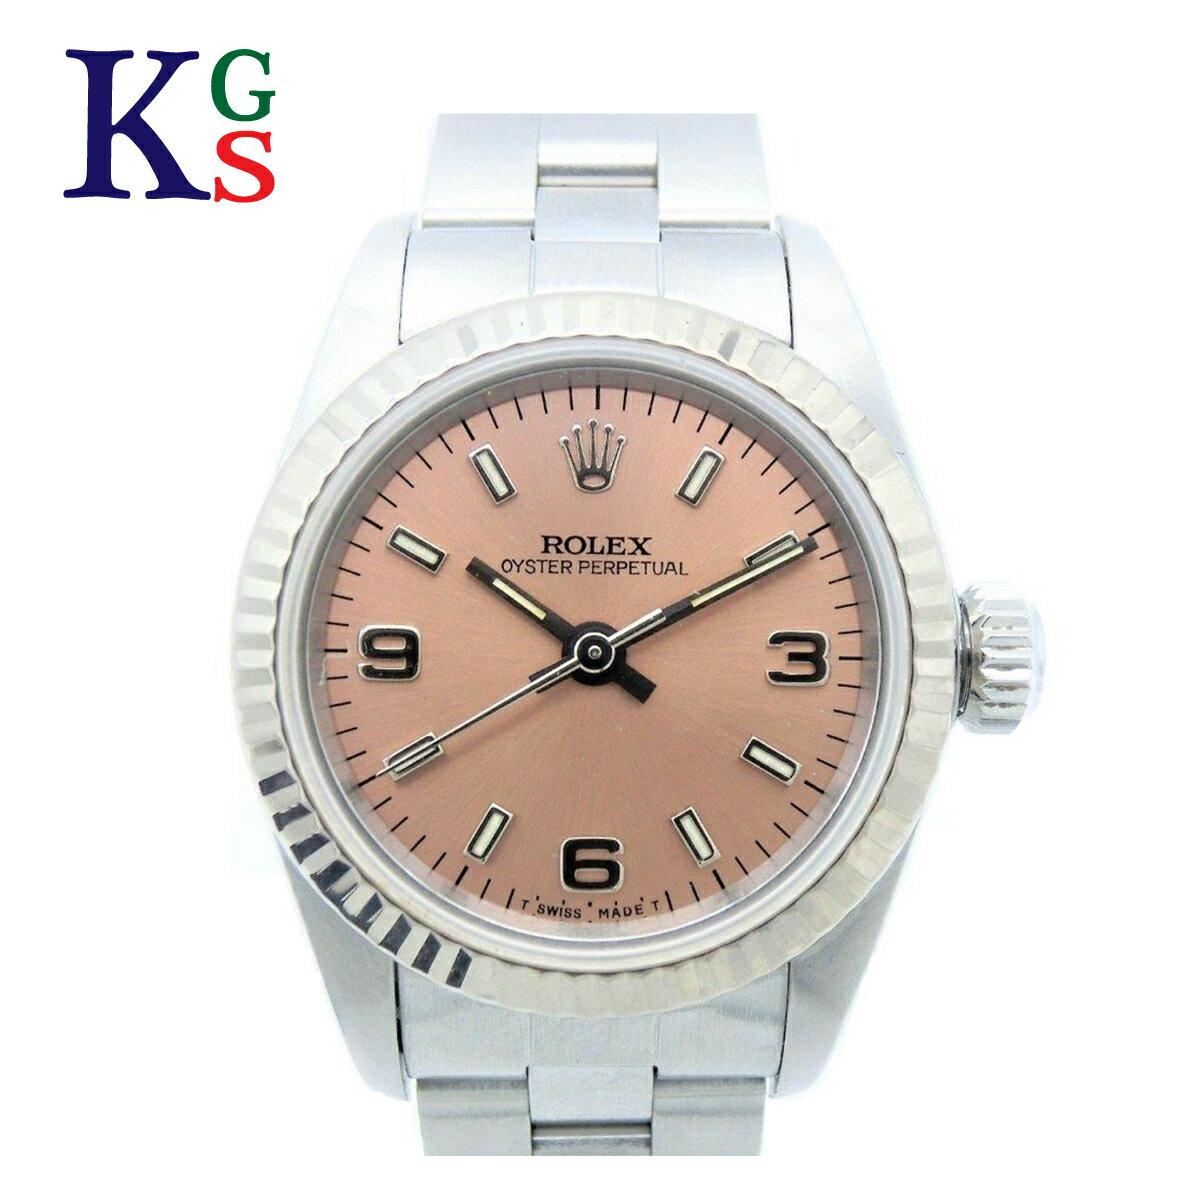 【新古品】ロレックス/ROLEX レディース 腕時計 オイスターパーペチュアル 67194 ピンク文字盤 自動巻き ステンレススチール×ホワイトゴールド